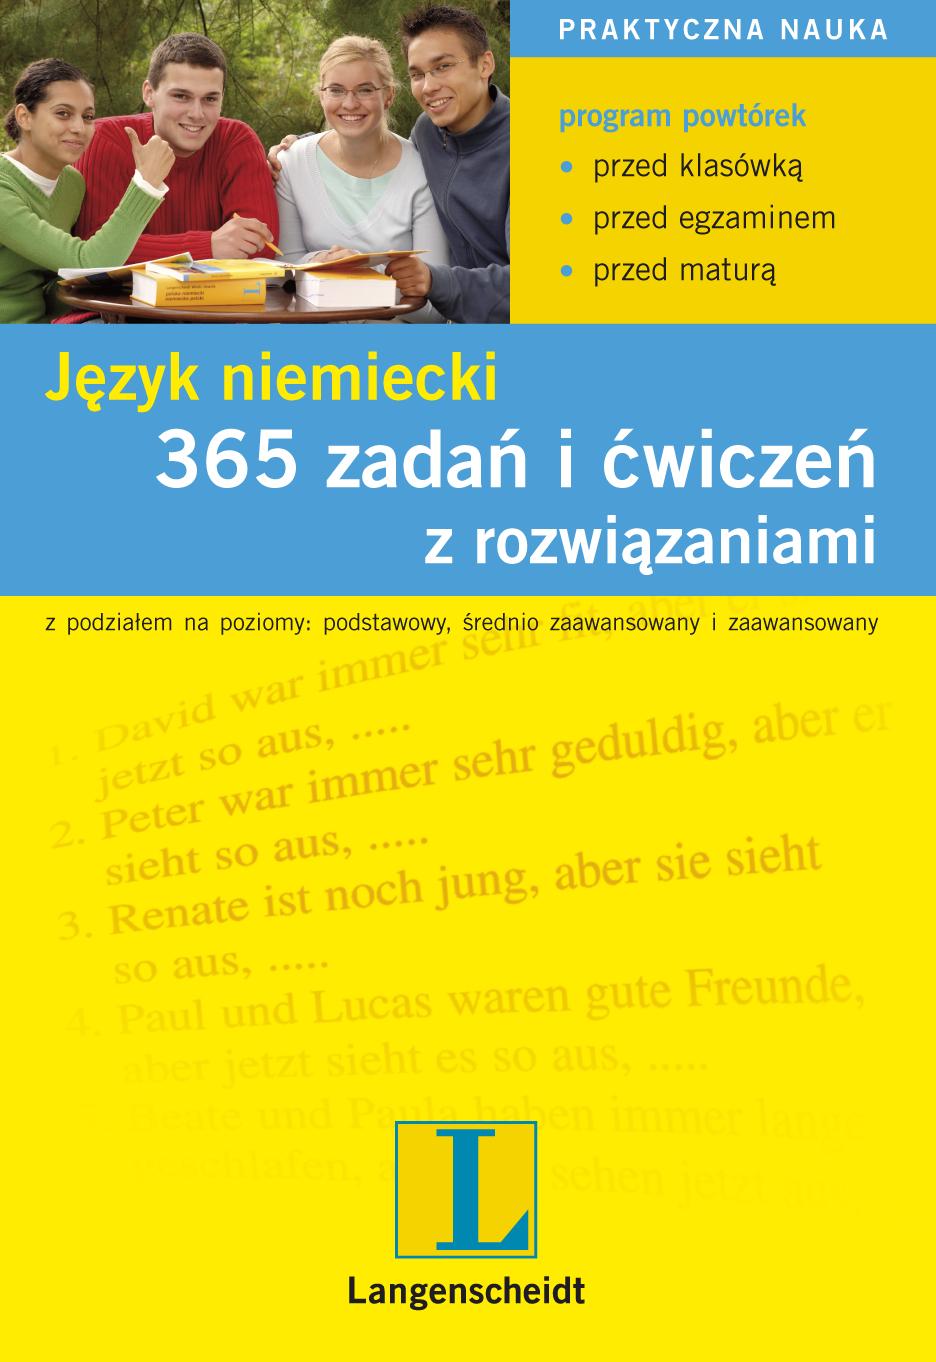 :: 365 zadań i ćwiczeń z rozwiązaniami. Język niemiecki - ebook ::